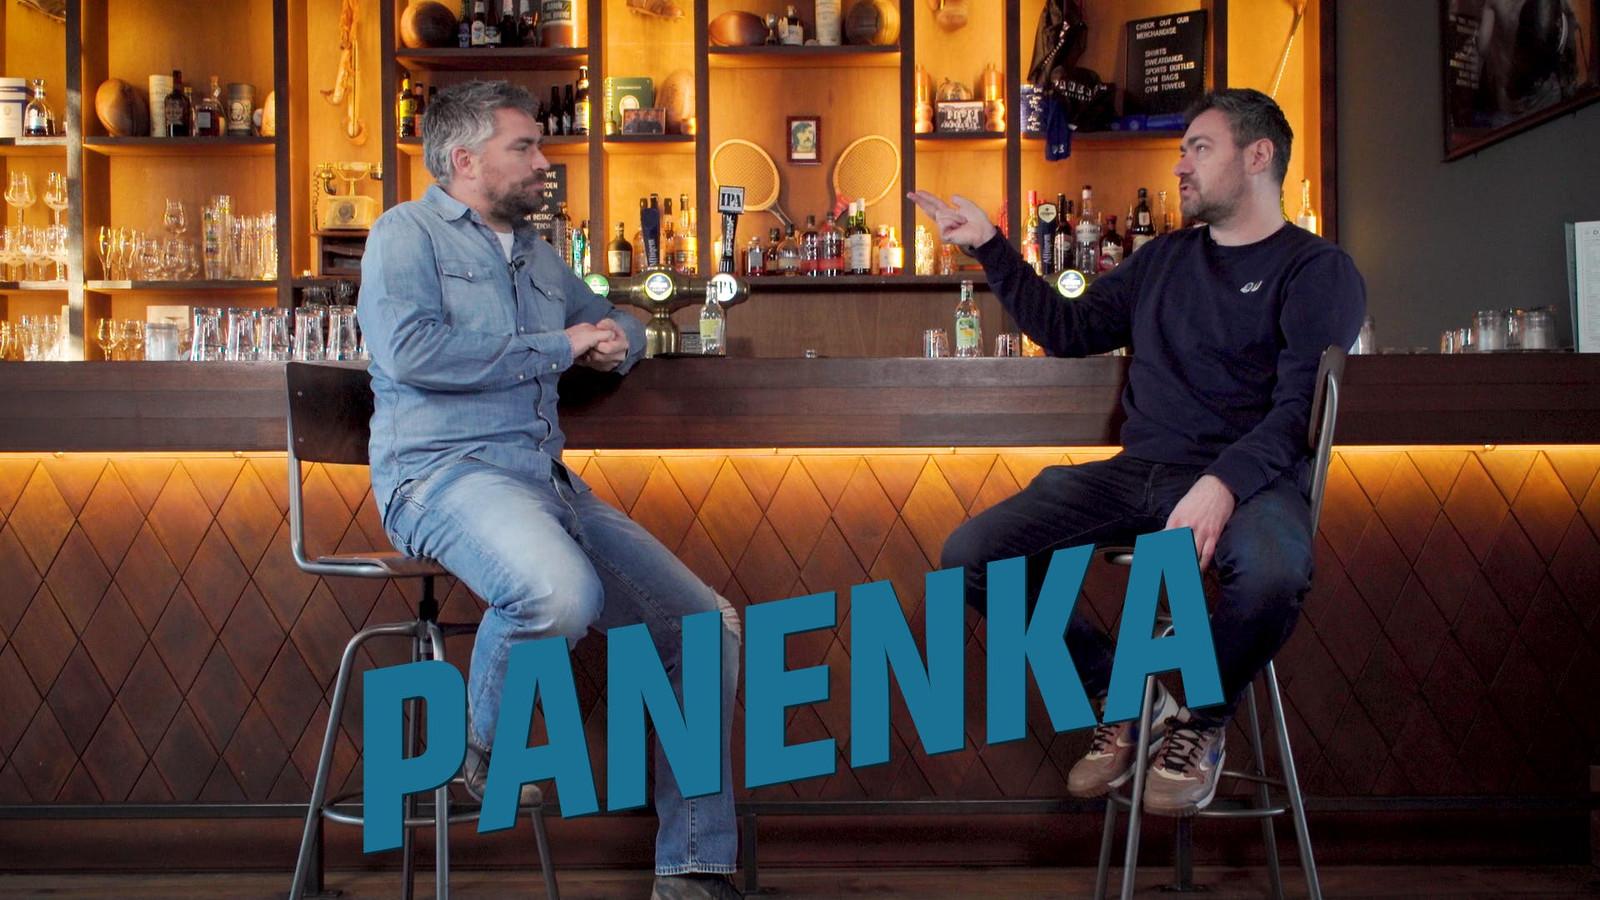 In deze aflevering van Panenka bespreken Hidde van Warmerdam en Sjoerd Mossou weer het voetbal van de afgelopen periode.